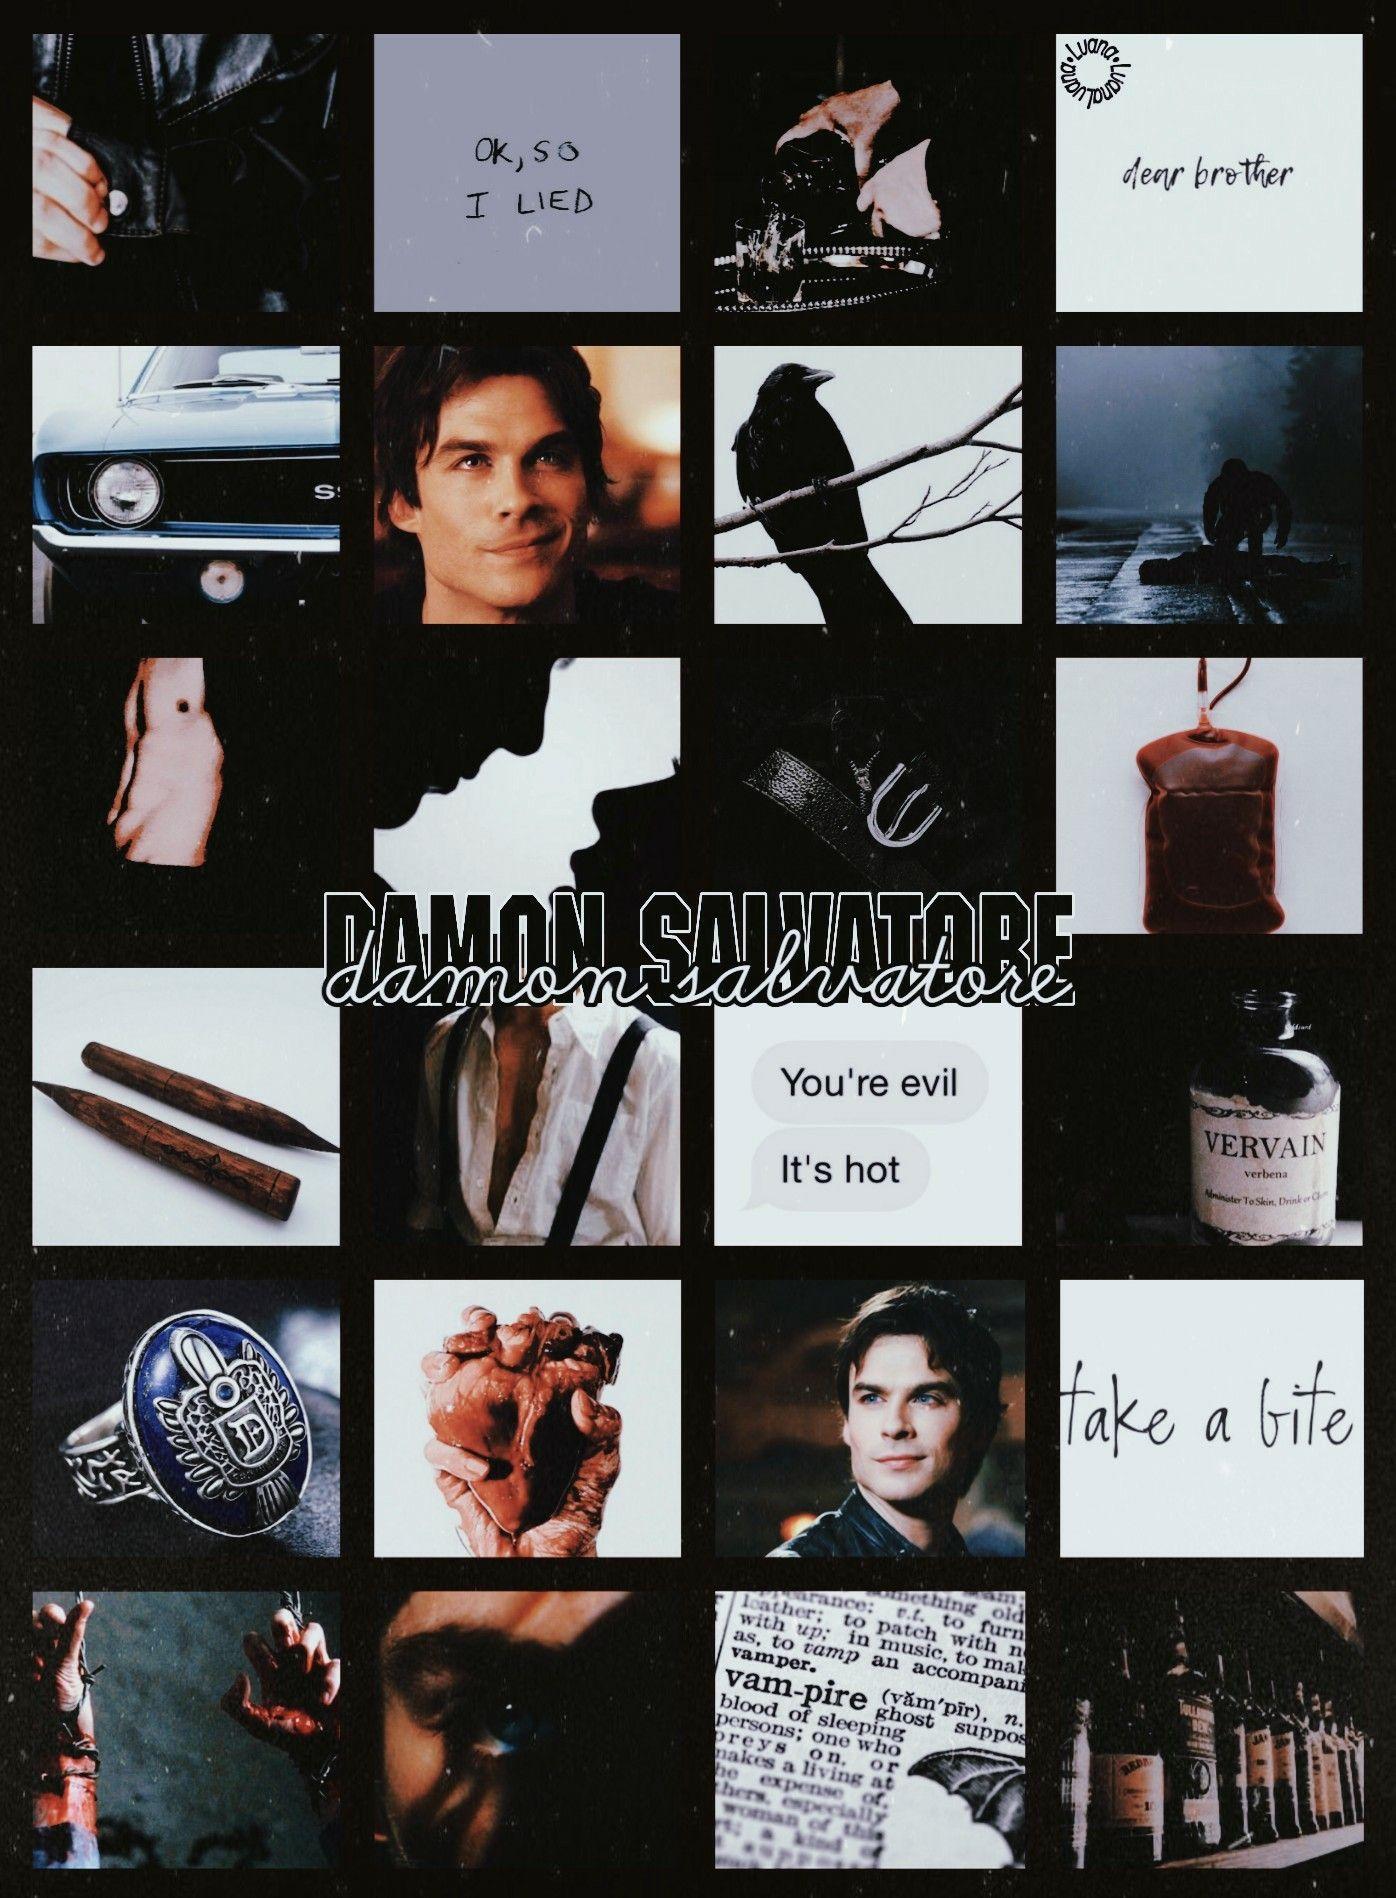 Aesthetic 2 0 Damon Salvatore The Vampire Diaries Damon Salvatore Vampire Diaries Vampire Diaries Wallpaper Vampire Diaries Damon